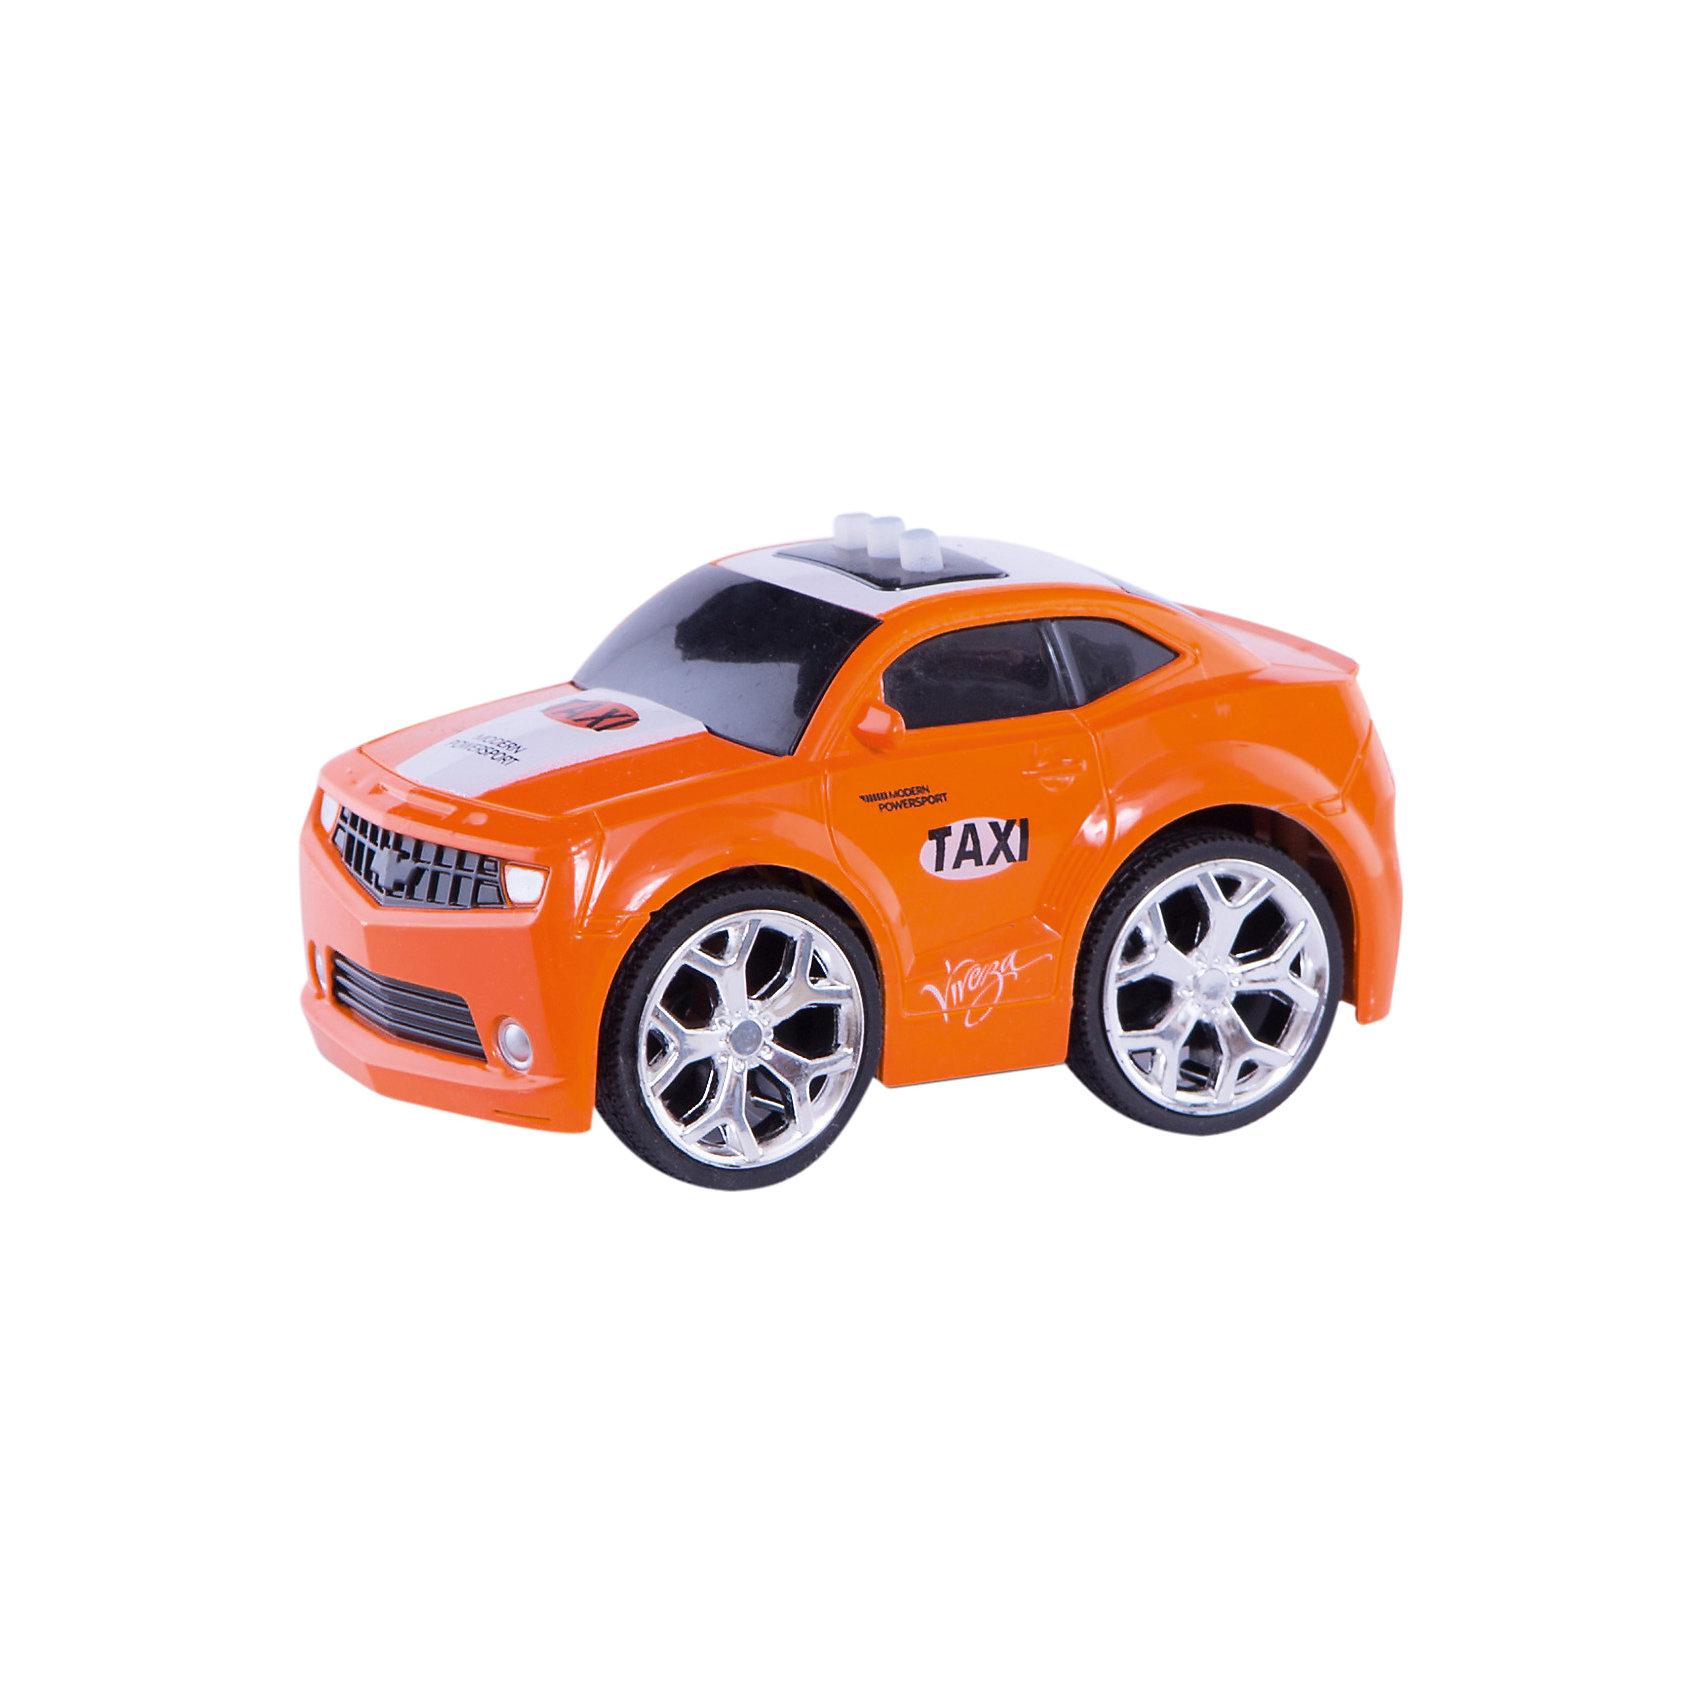 Машинка интерактивная со светом и звуком, оранжевая, Blue SeaМашинки<br>Машинка интерактивная со светом и звуком, оранжевая , Blue Sea (Блу Сии).<br><br>Характеристики:<br><br>- Цвет: оранжевый.<br>- Состав: пластик,металл.<br>- Размер машины: 12,5х7х7 см<br>- Инерционная игрушка.<br><br>Машинка интерактивная со светом и звуком,оранжевая, - .это отличная игрушка от бренда Blue Sea (Блу Сии). Эта маленькая машинка с большими колесами одна из целой серии интерактивных машинок. На ее крыше расположены 3 кнопки с интерактивными функциями. Запрограммированы следующие функции: воспроизведение звука запуска двигателя, воспроизведение мелодии, воспроизведение звука работающего двигателя и движение машинки вперед. Игрушка выполнена из качественных сертифицированных материалов.<br><br>Машинку интерактивную со светом и звуком, оранжевую, Blue Sea, (Блу Сии), можно купить в нашем интернет - магазине.<br><br>Ширина мм: 162<br>Глубина мм: 105<br>Высота мм: 115<br>Вес г: 210<br>Возраст от месяцев: 36<br>Возраст до месяцев: 2147483647<br>Пол: Мужской<br>Возраст: Детский<br>SKU: 5419366